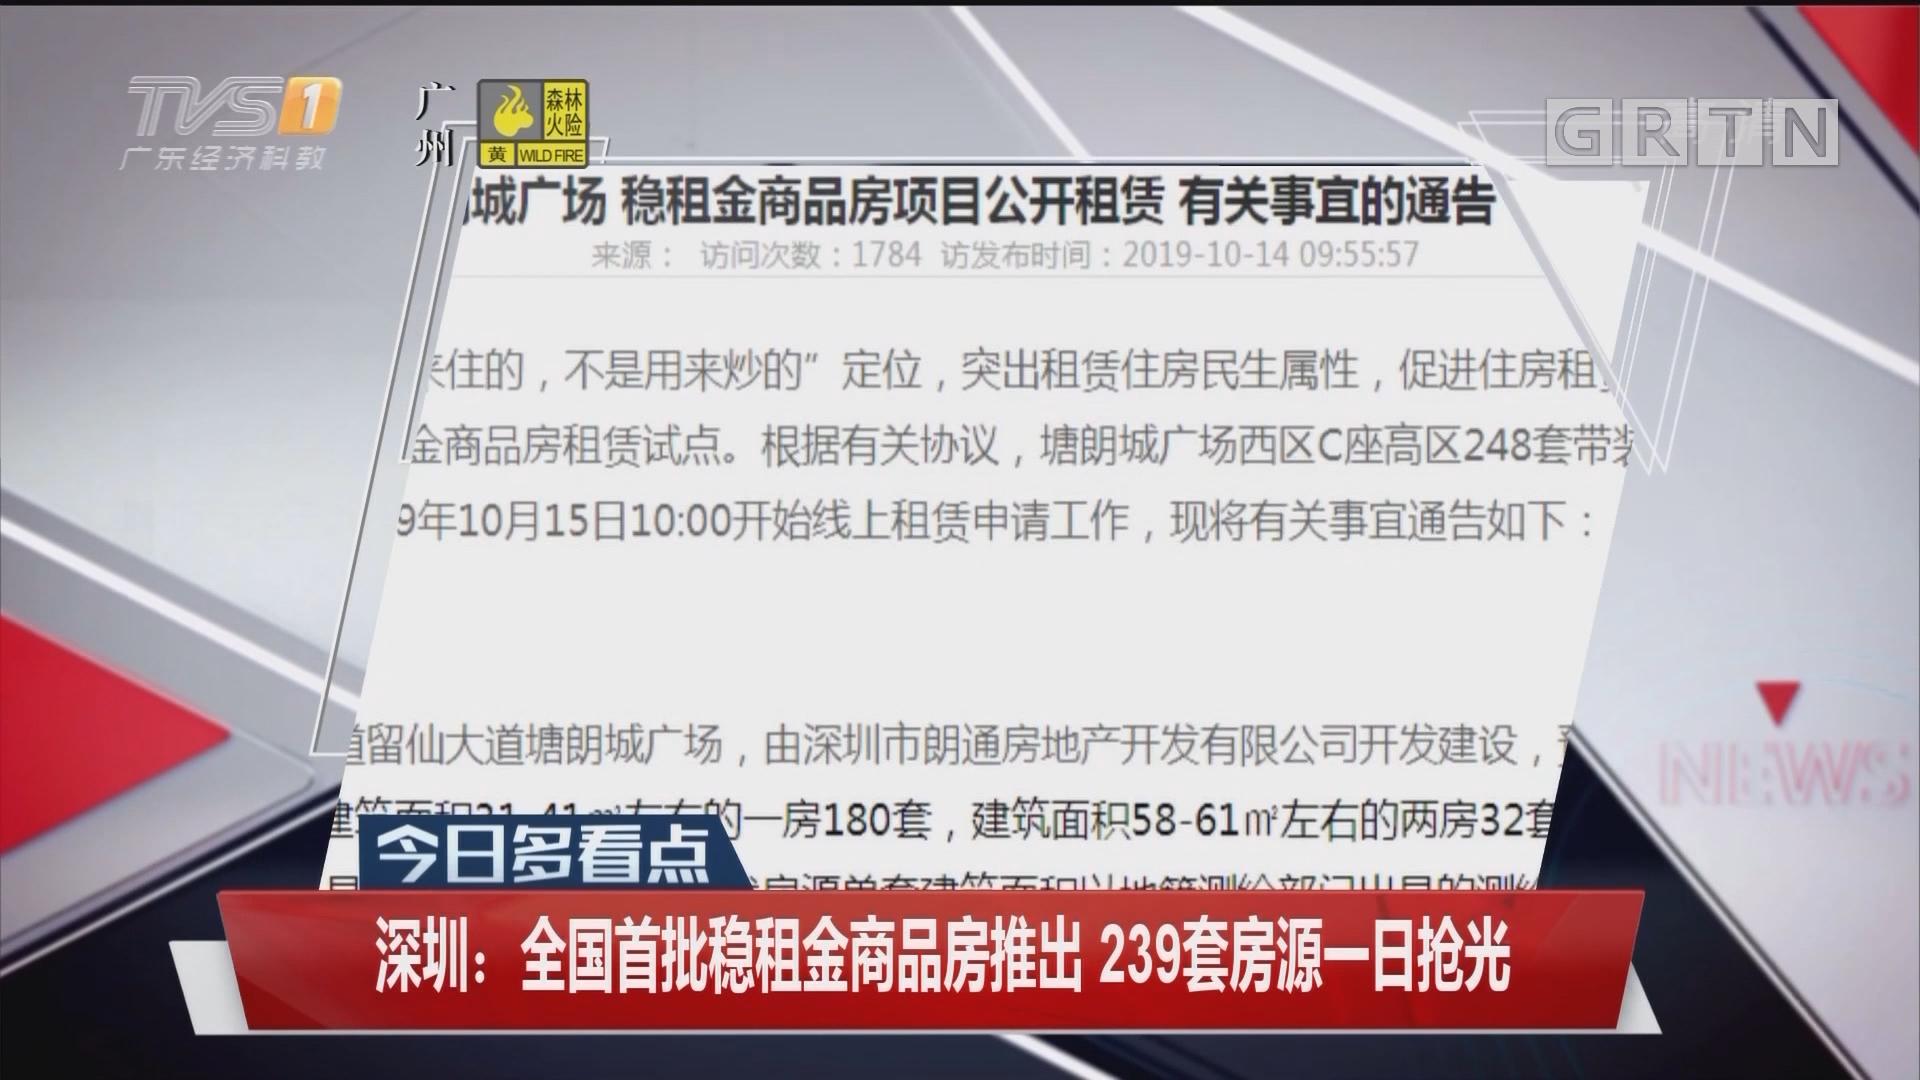 深圳:全国首批稳租金商品房推出 239套房源一日抢光